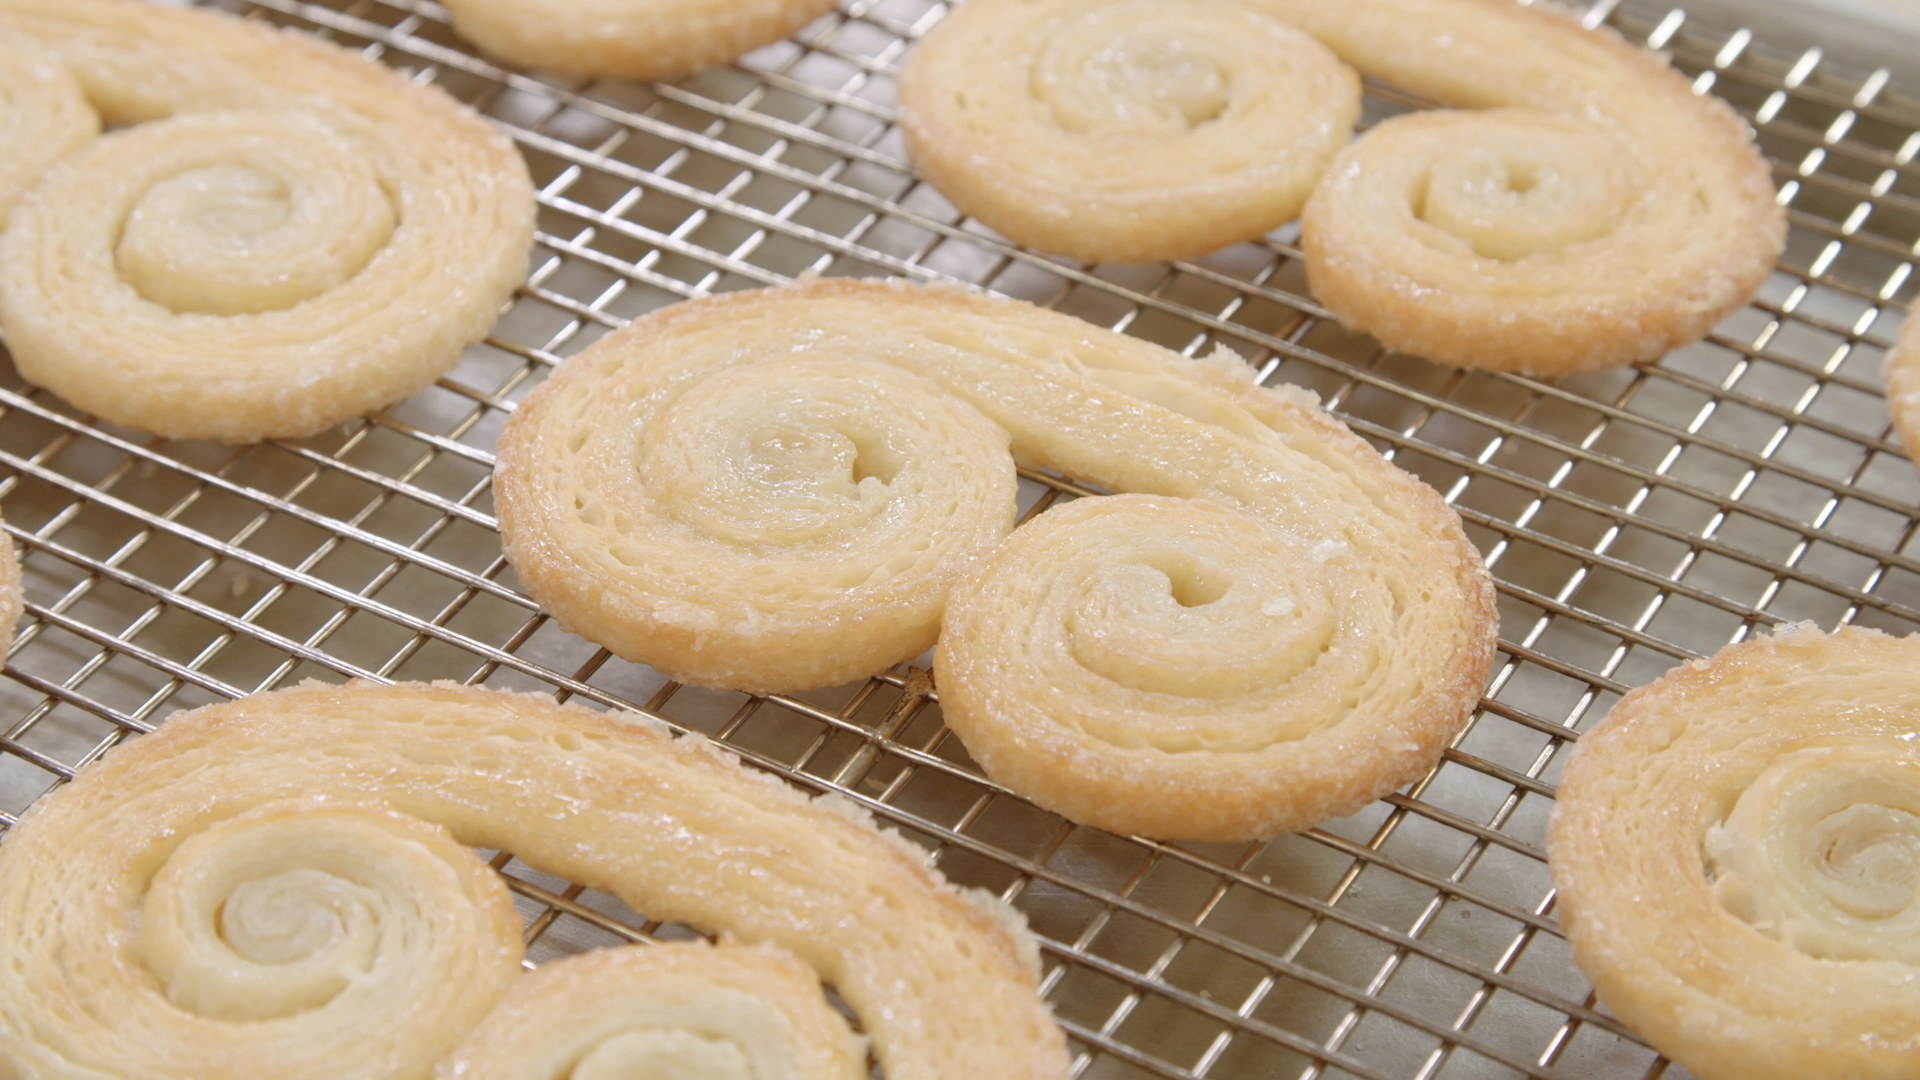 CSO_1710_Intro_BakeryStylePastries_16x9_Final_v01.mov.00_01_11_12.Still007.jpg